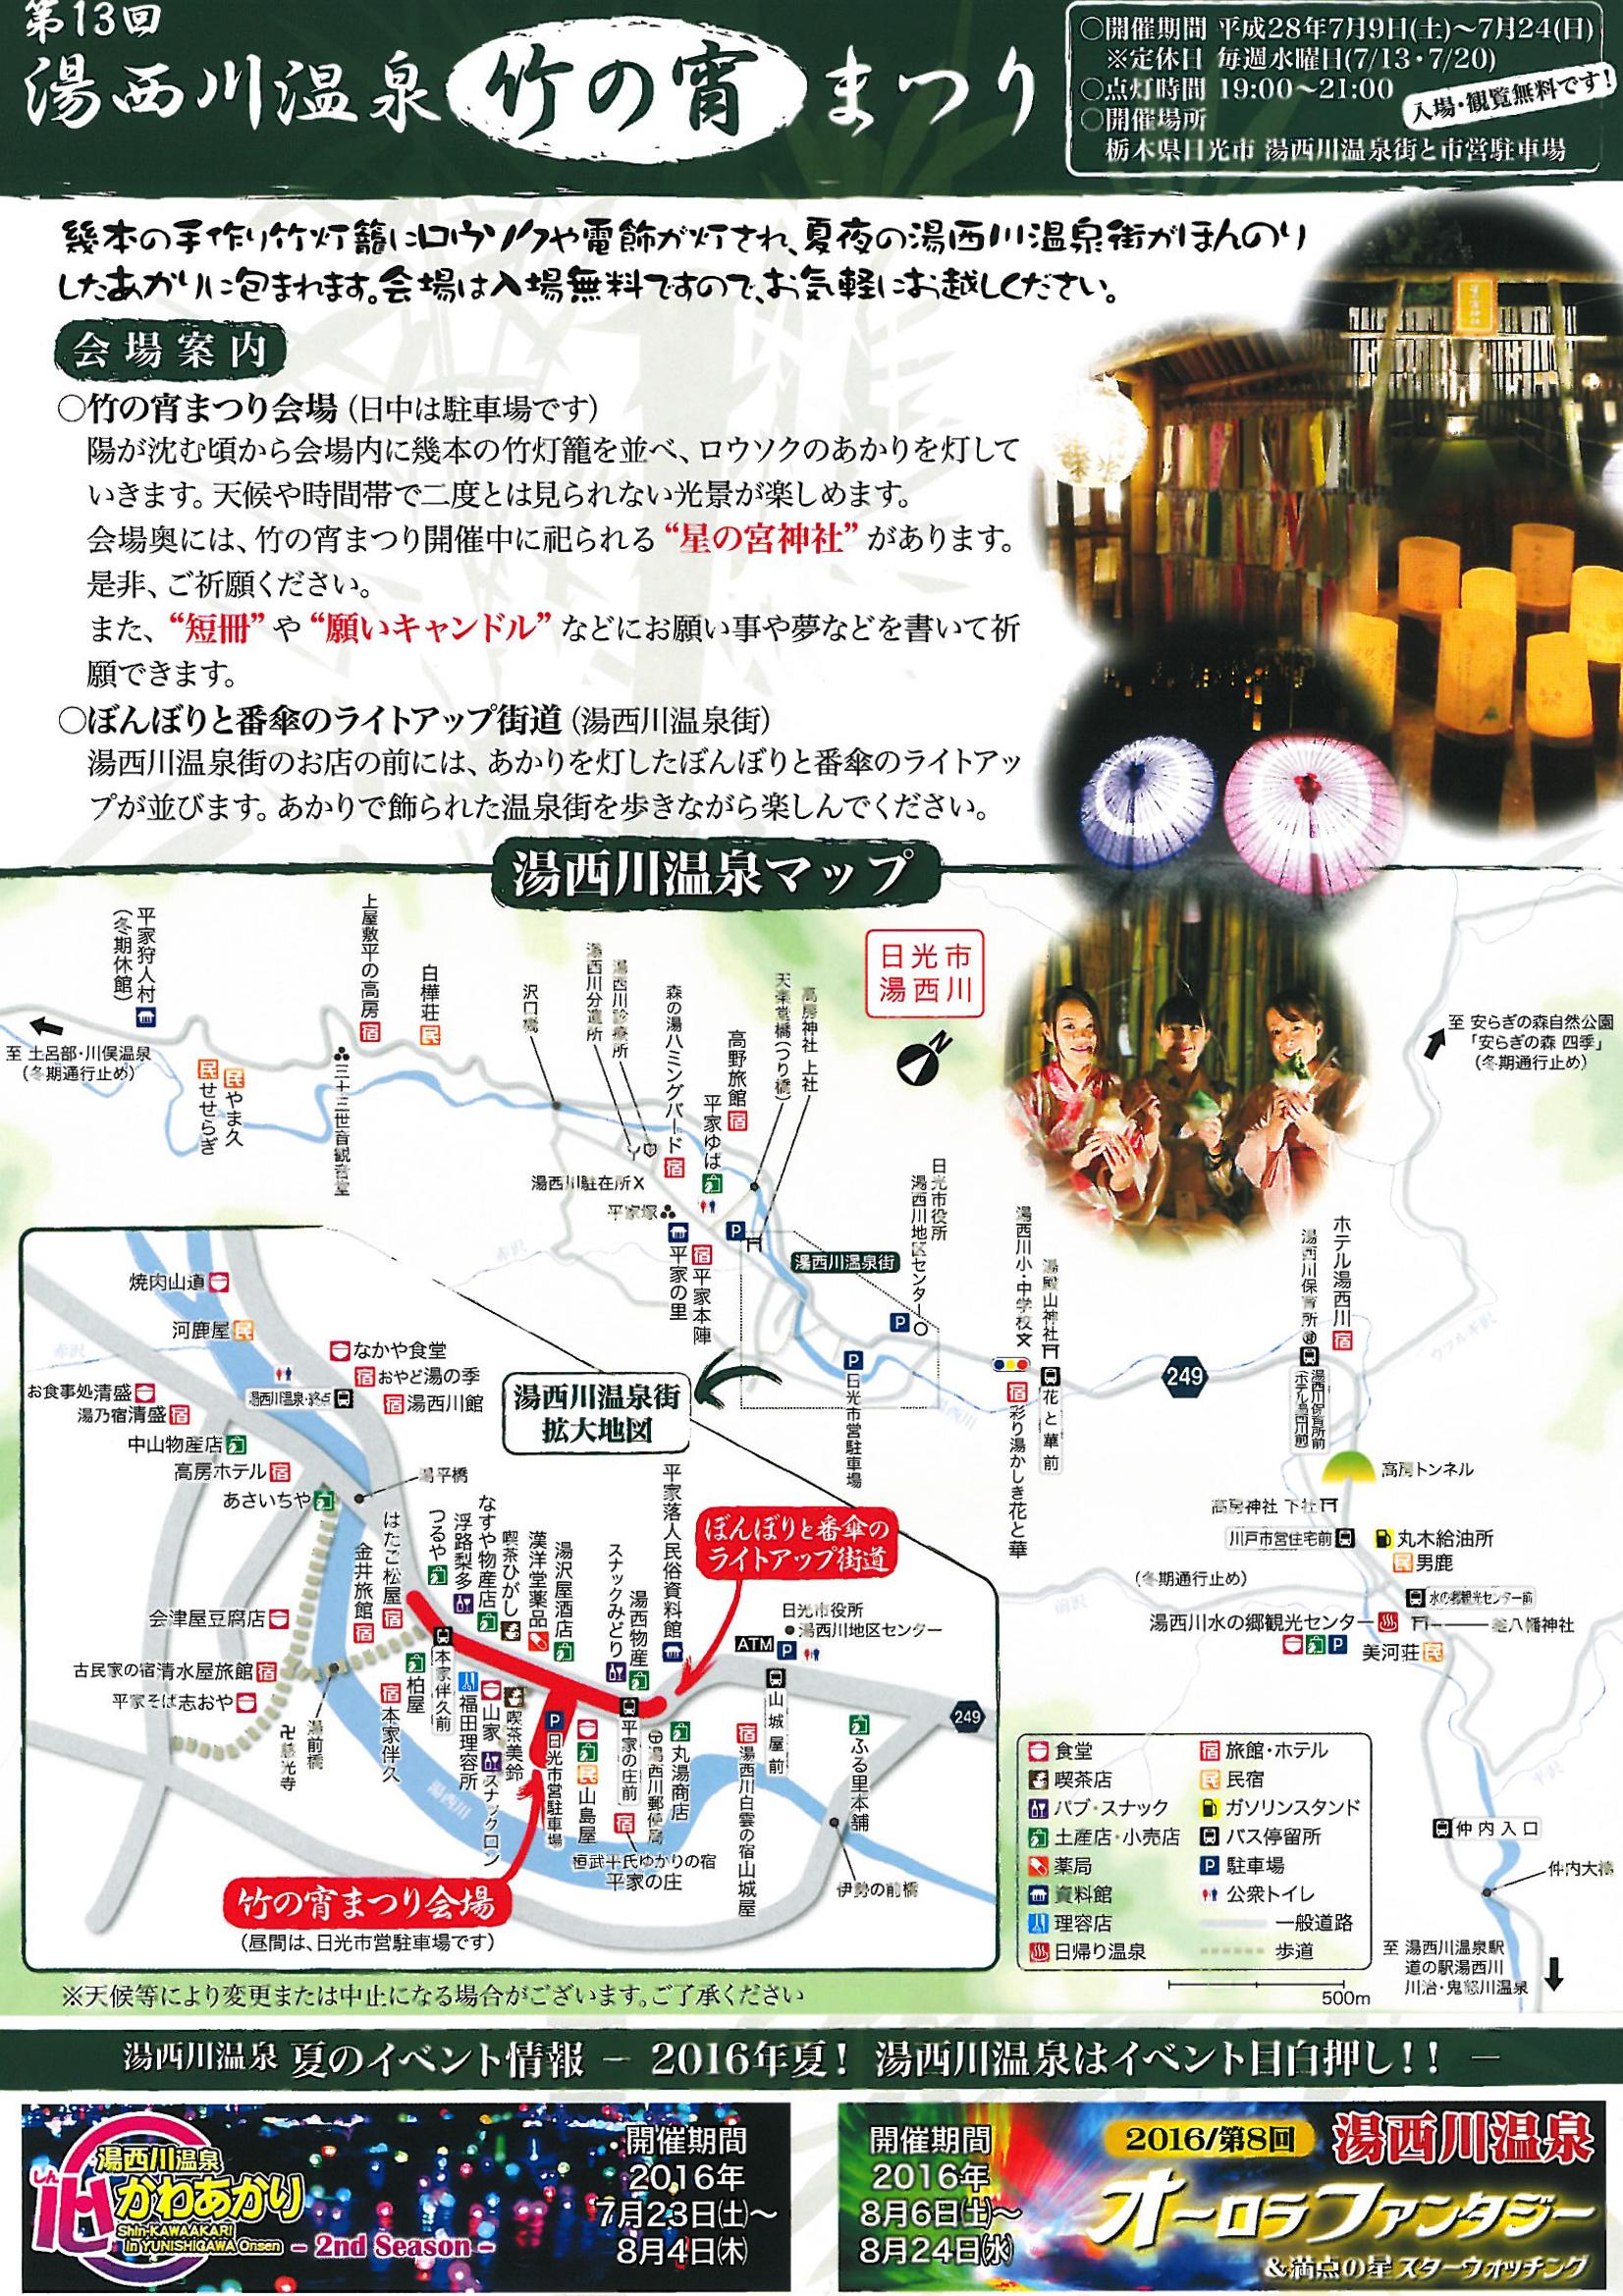 竹の宵まつりパンフレットmap